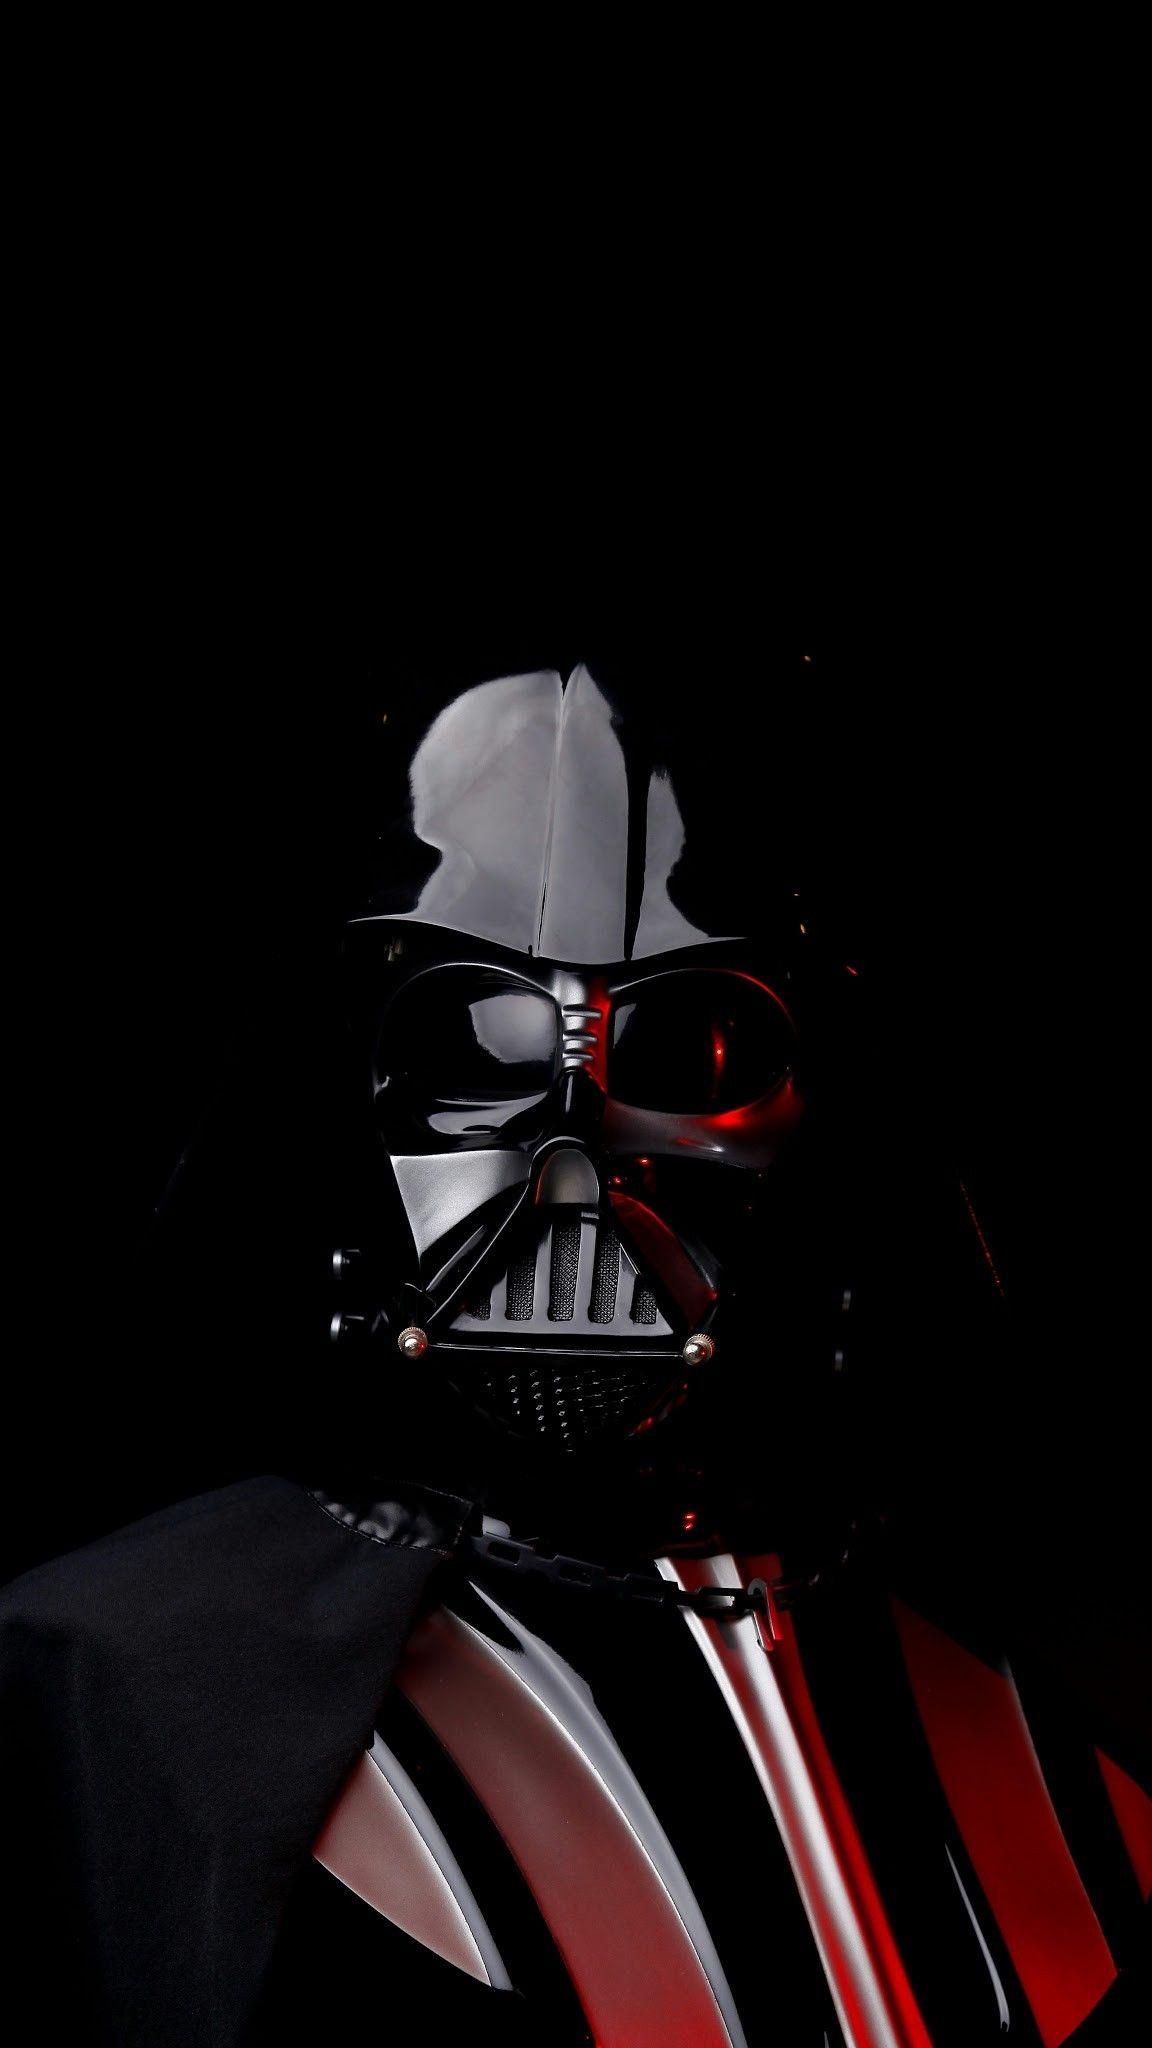 Darthvader Starwars Star Wars Pictures Star Wars Images Star